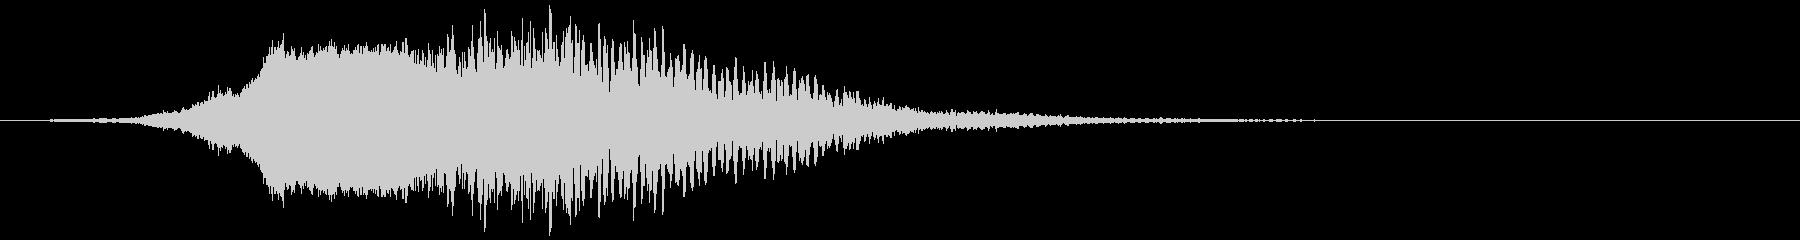 【タイトル】ホラー映画_ロゴ_05の未再生の波形